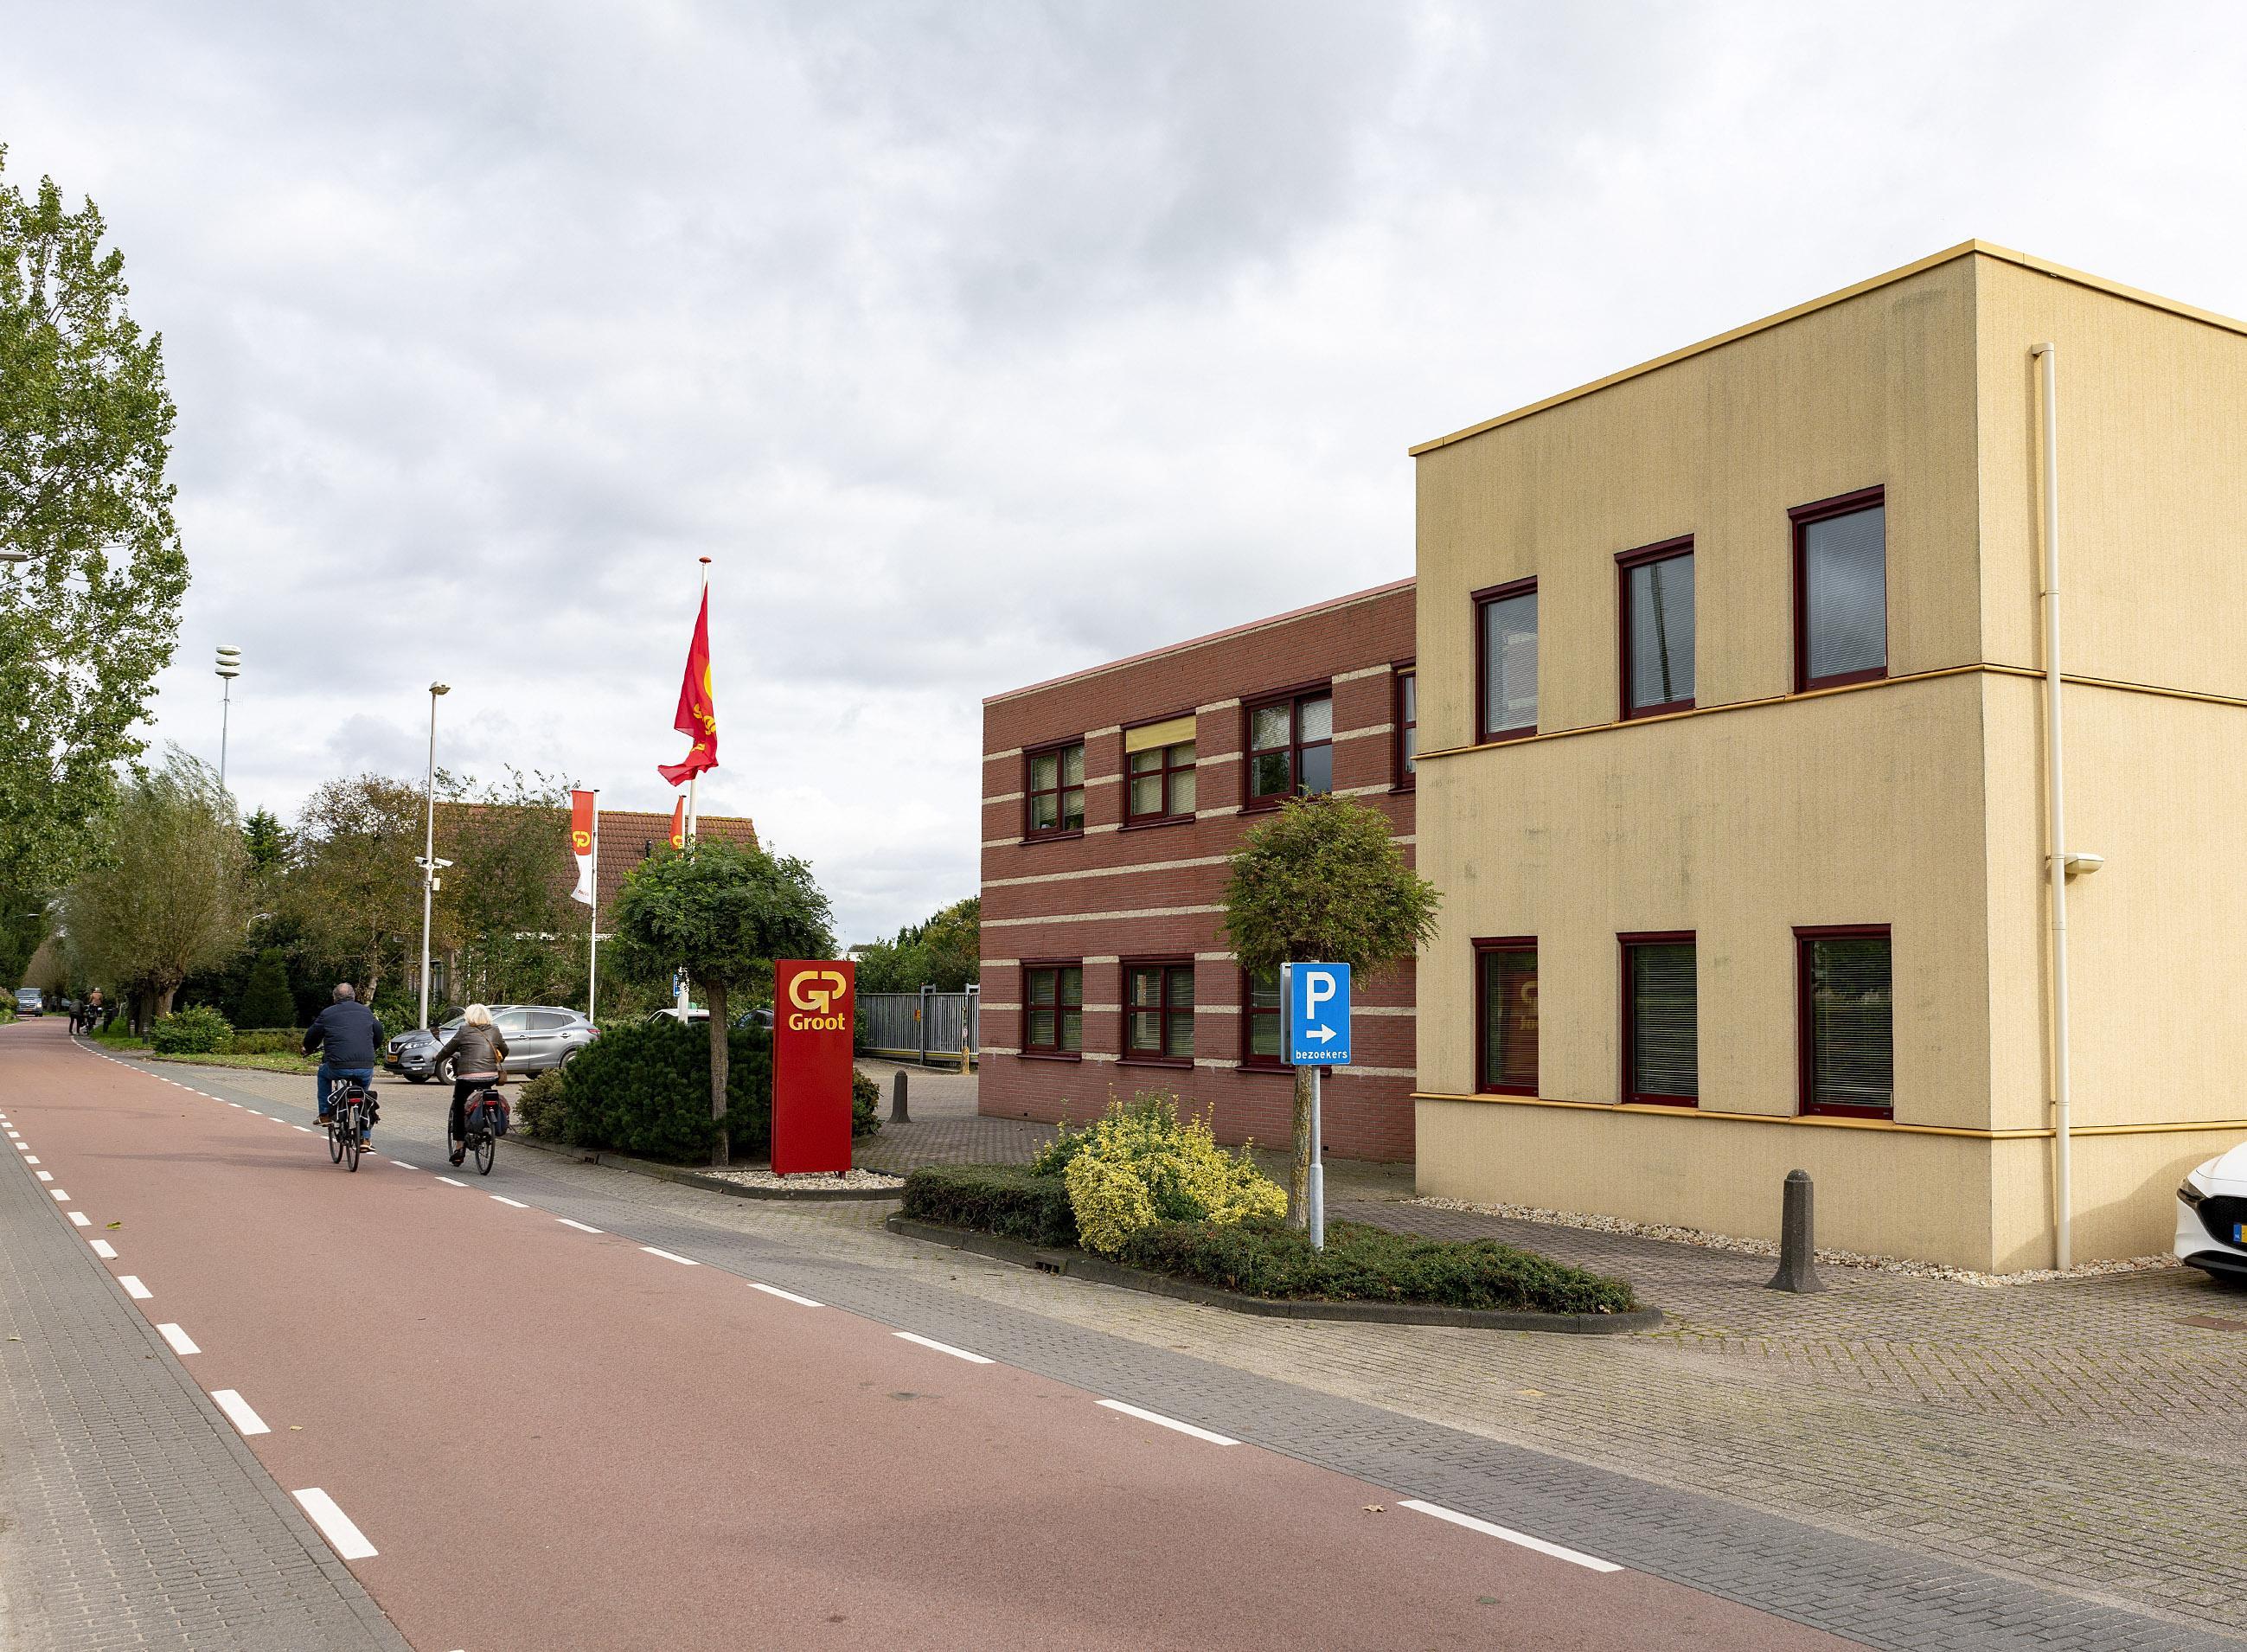 GP Groot verlaat vertrouwde plek aan de Hoogeweg Limmen en Heiloo en wil er 45 woningen bouwen